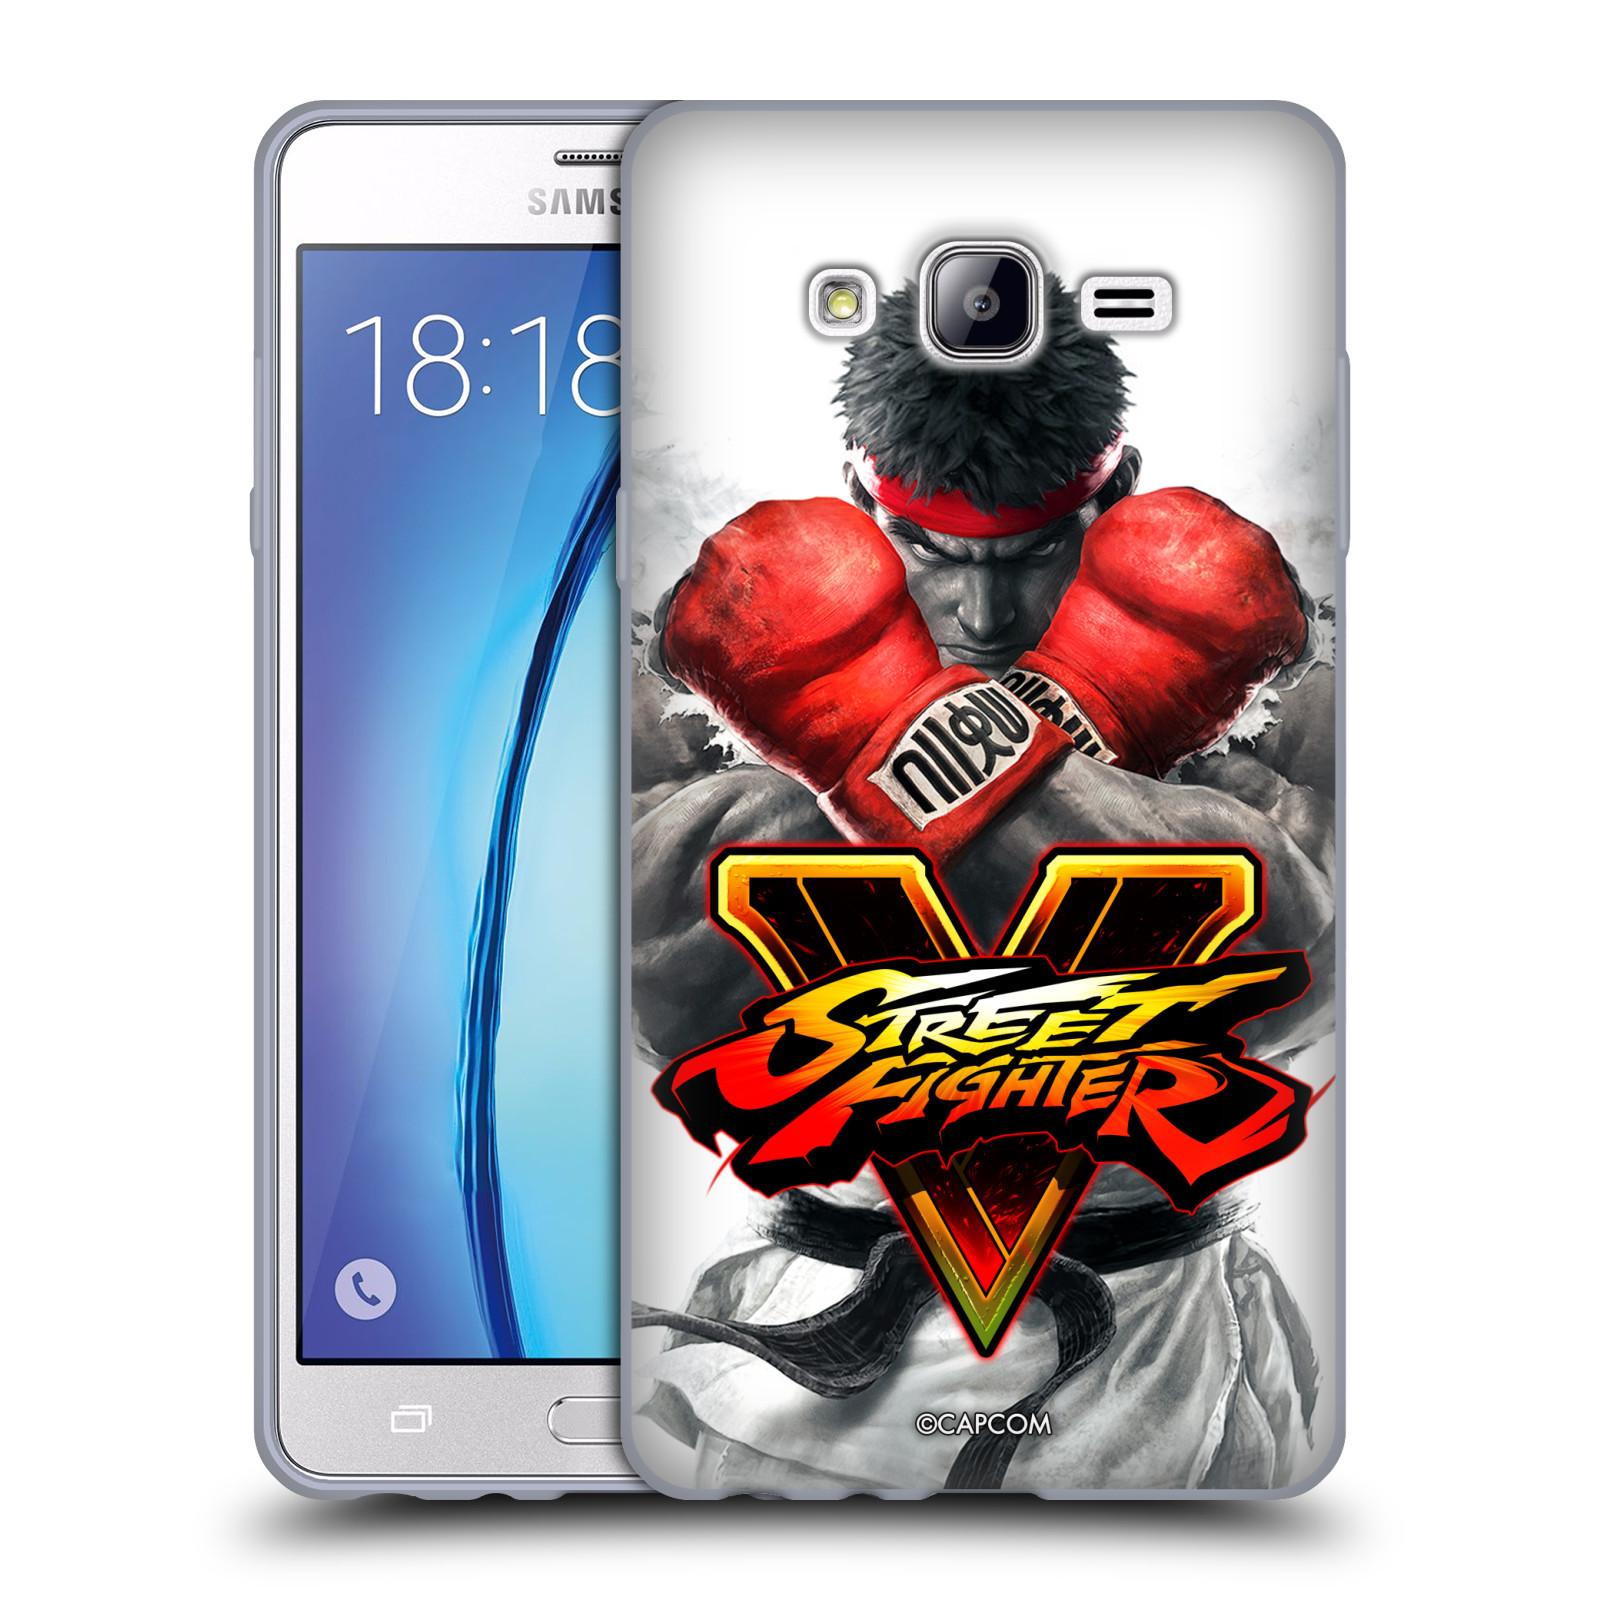 HEAD CASE silikonový obal na mobil Samsung Galaxy On7 oficiální kryt STREET FIGHTER Boxer Ryu